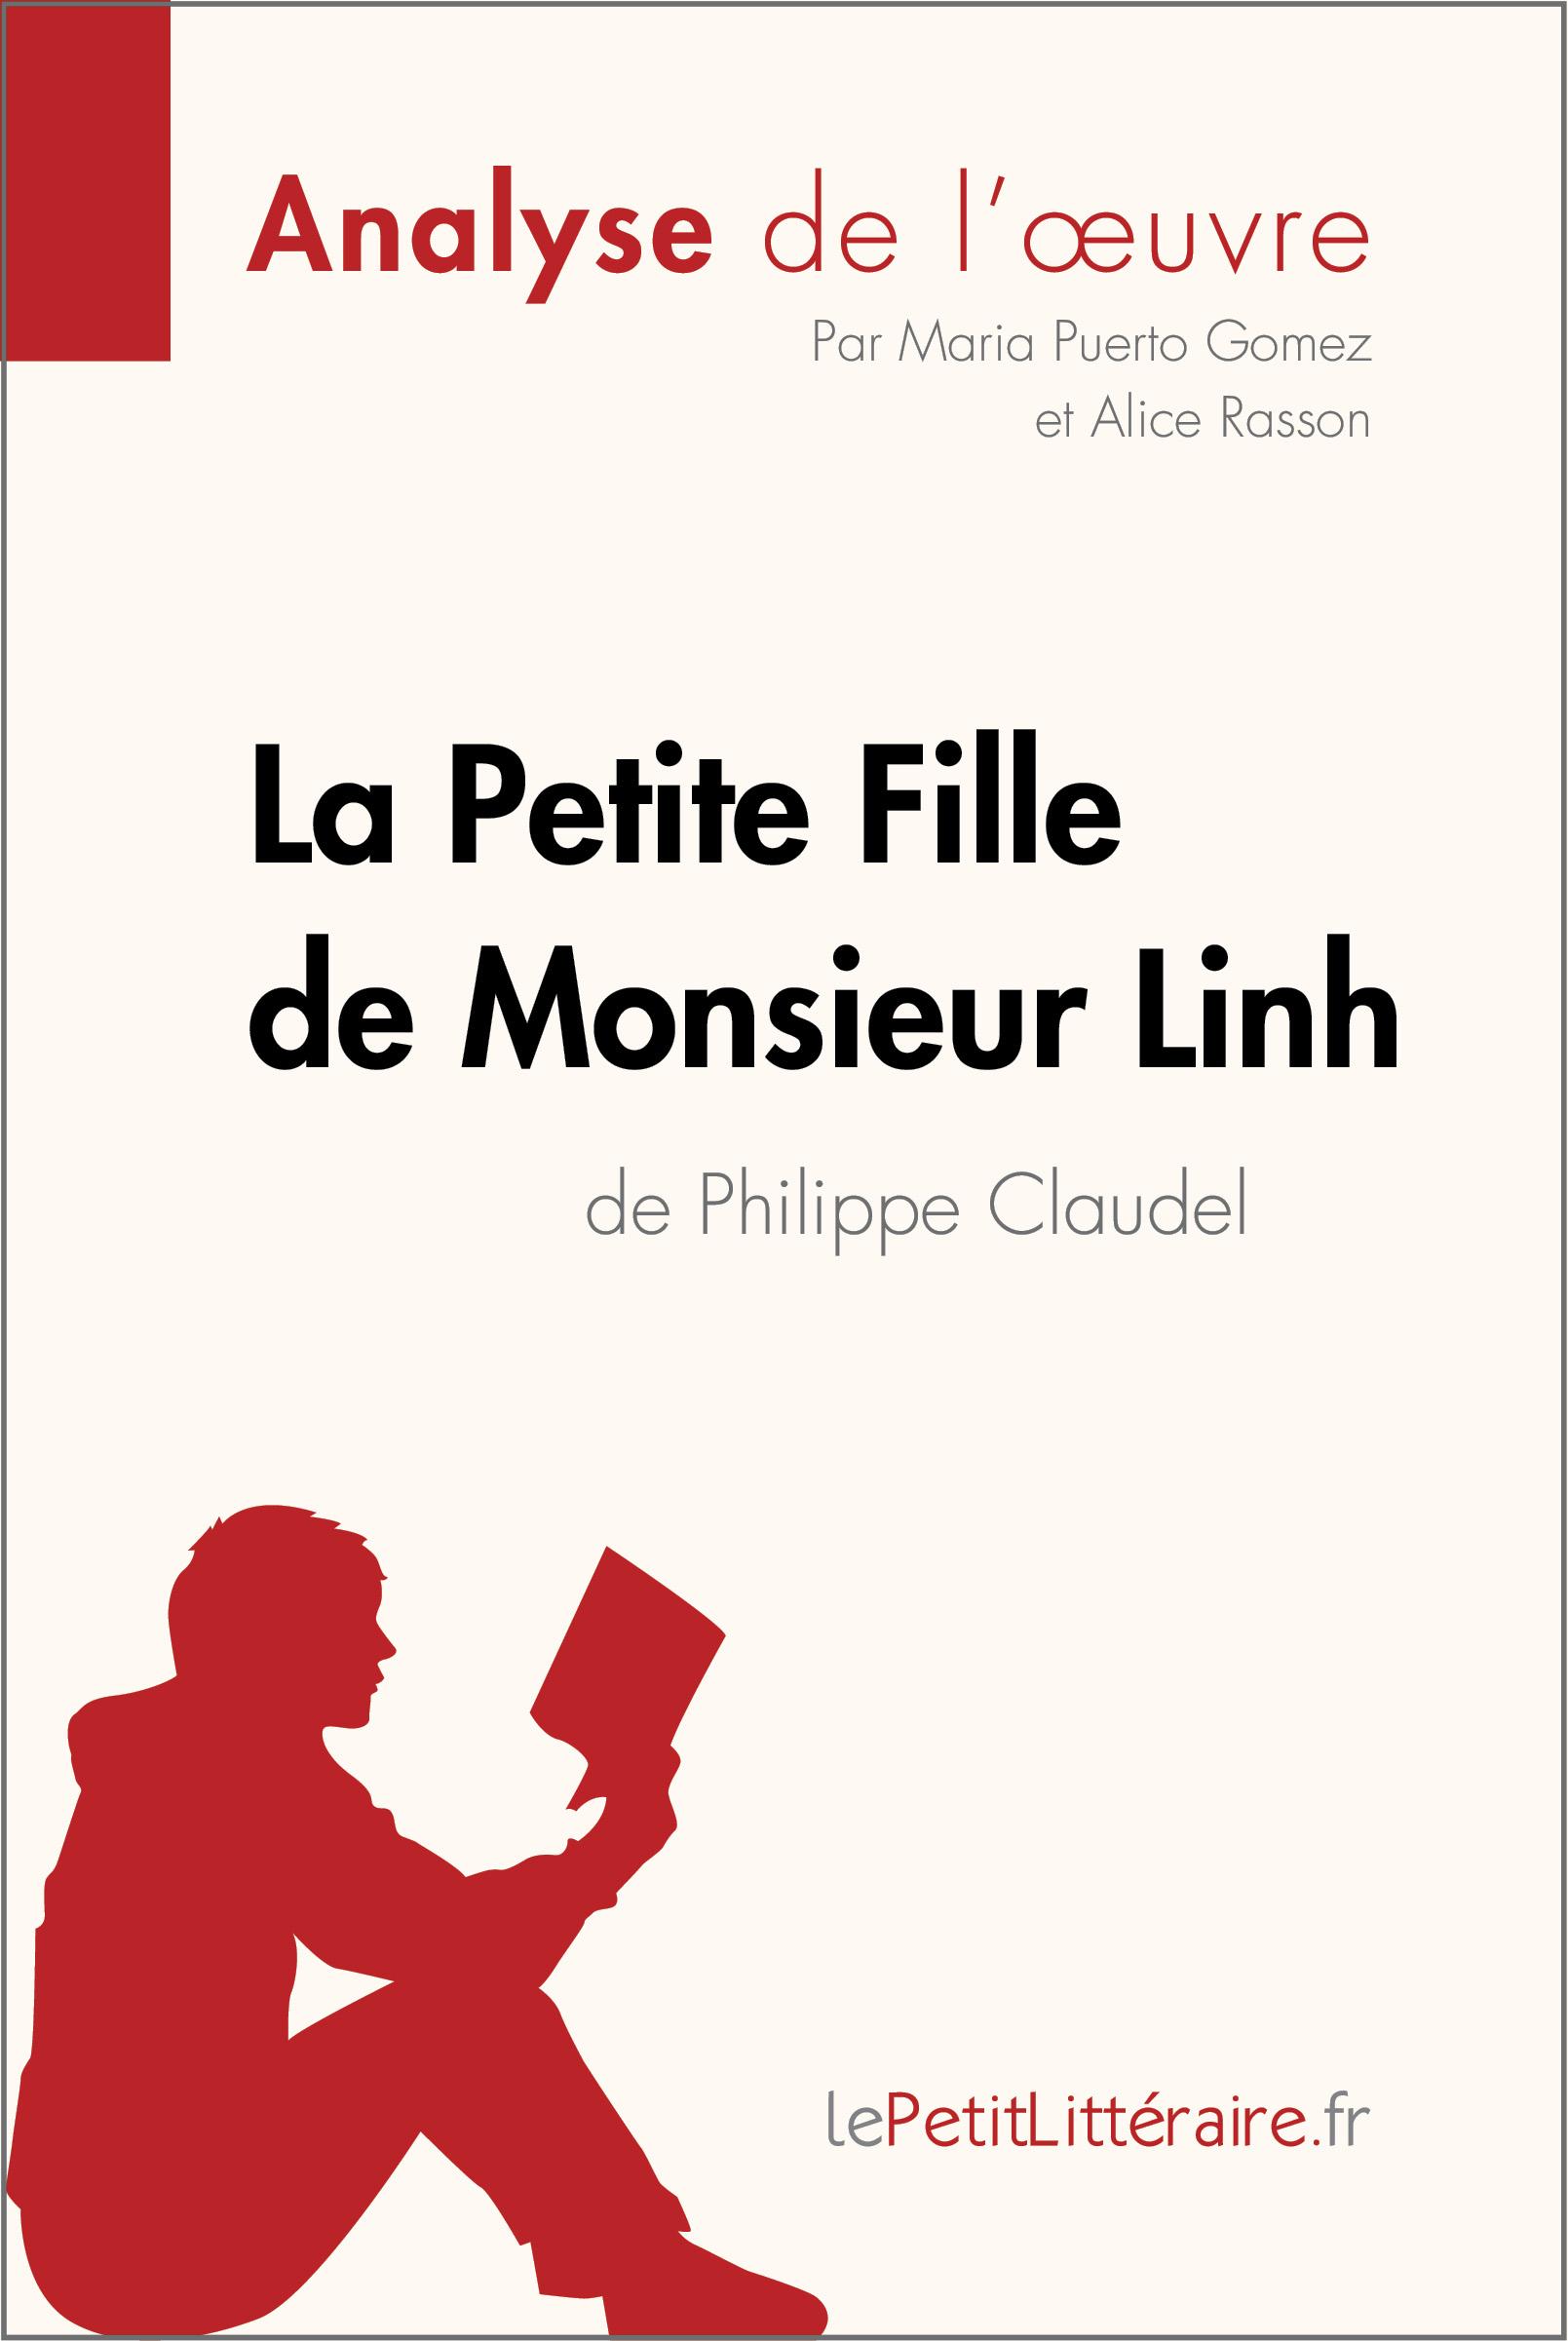 La Petite Fille de Monsieur Linh